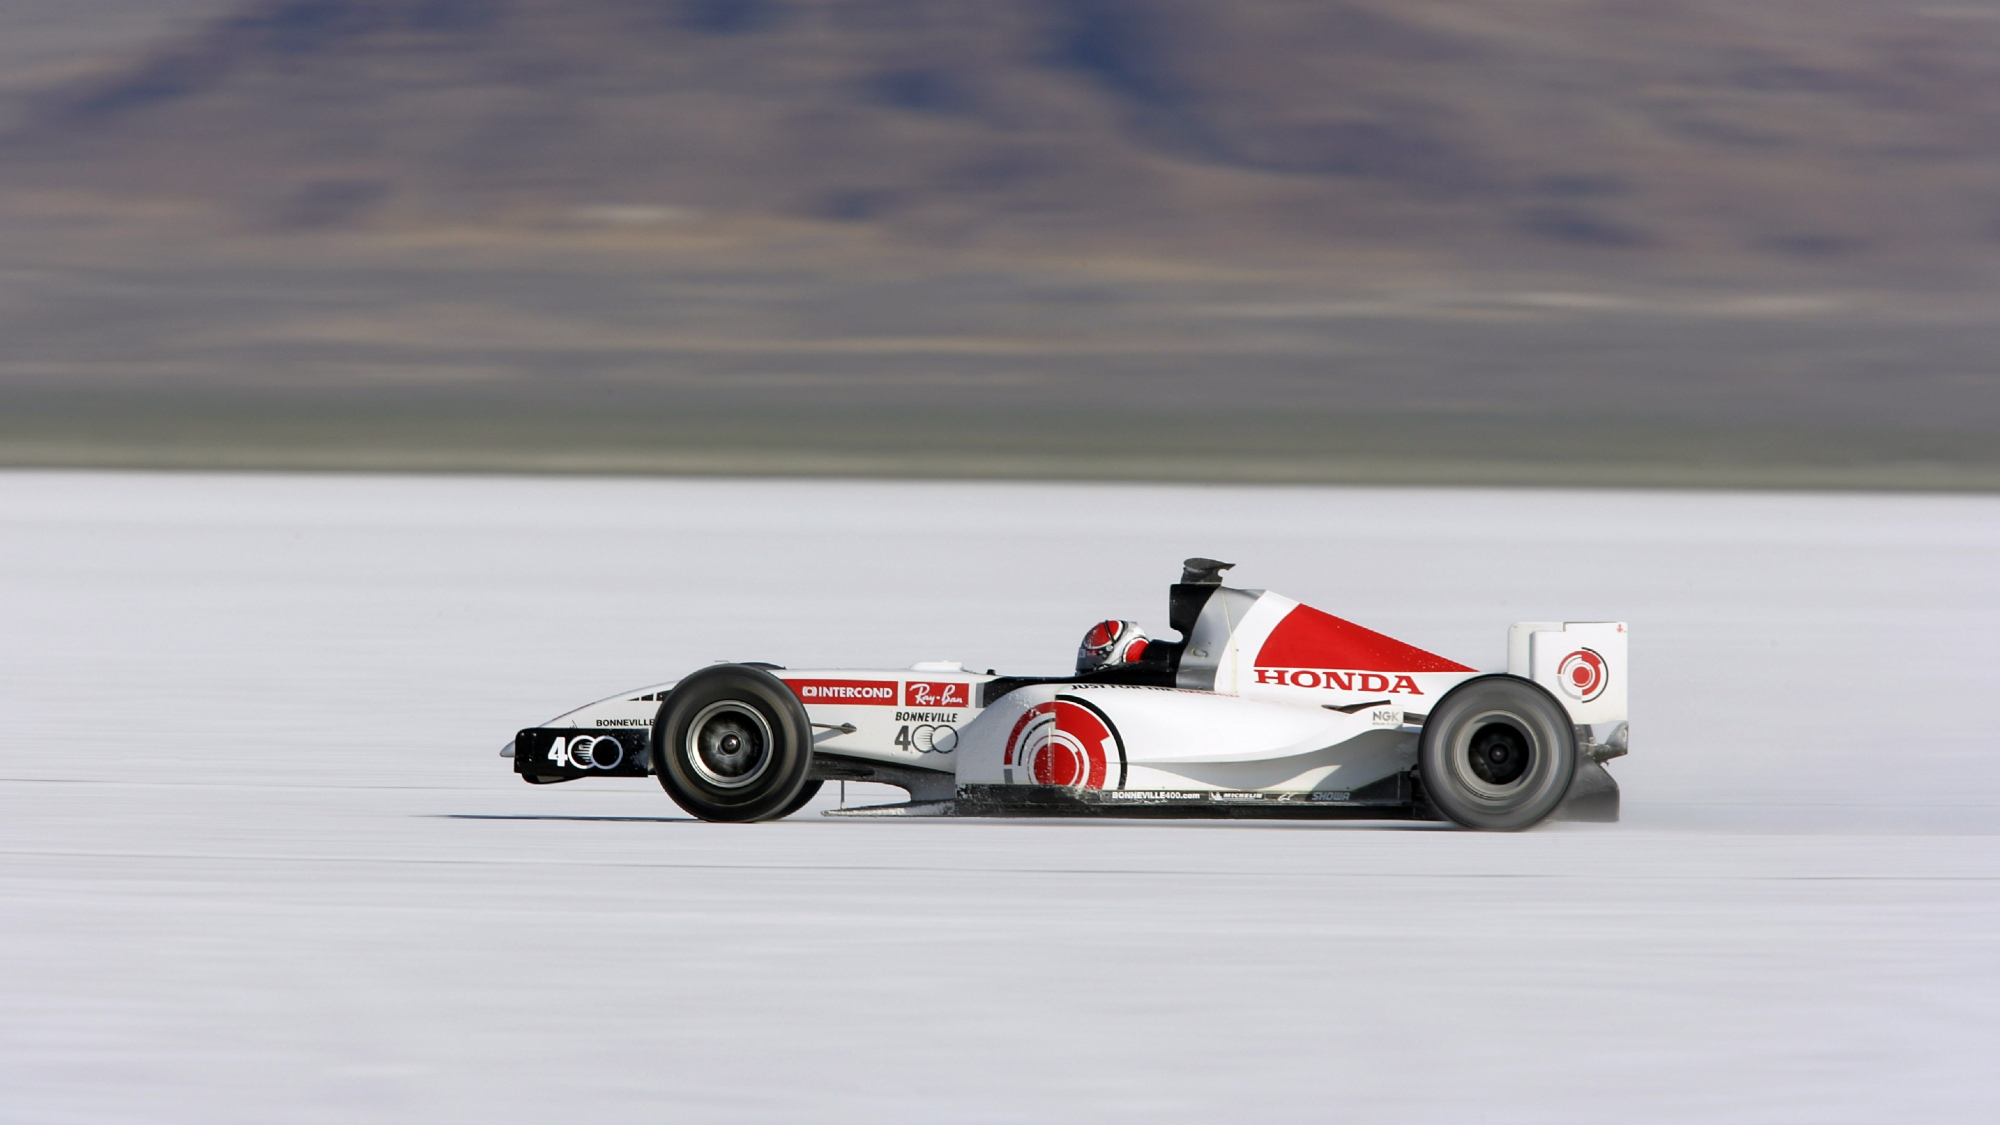 Honda RA106, Bonneville Salt Flats